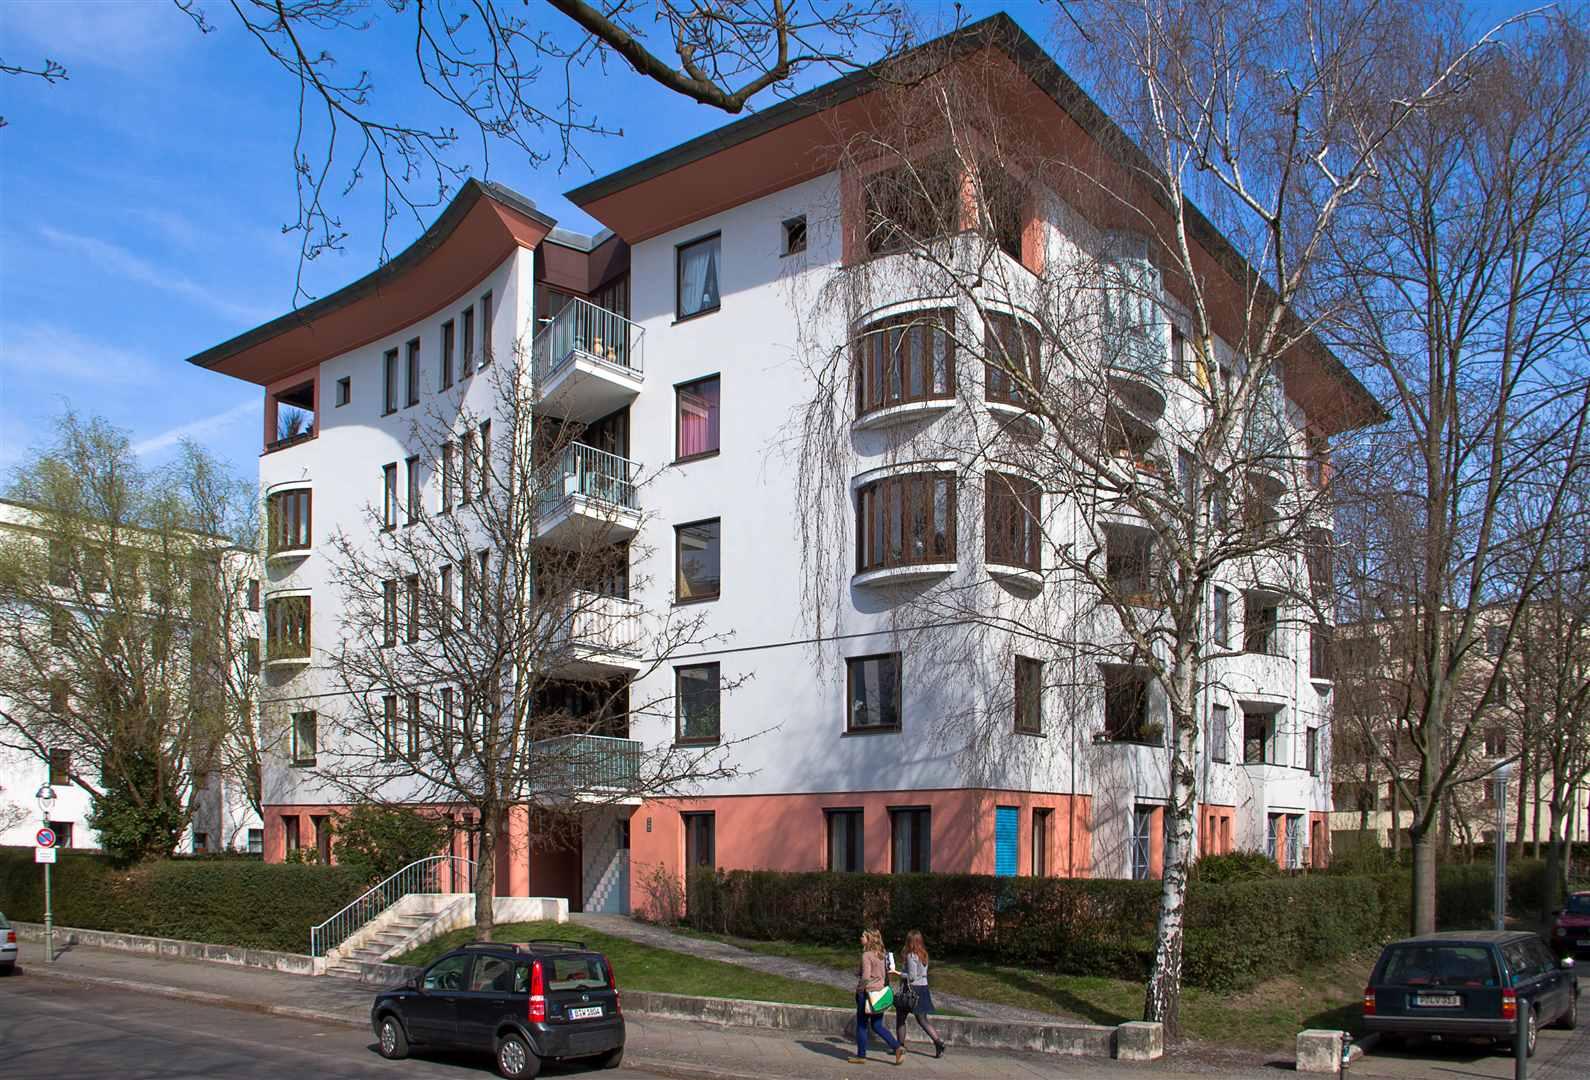 hidden architecture: rauchstrasse apartments